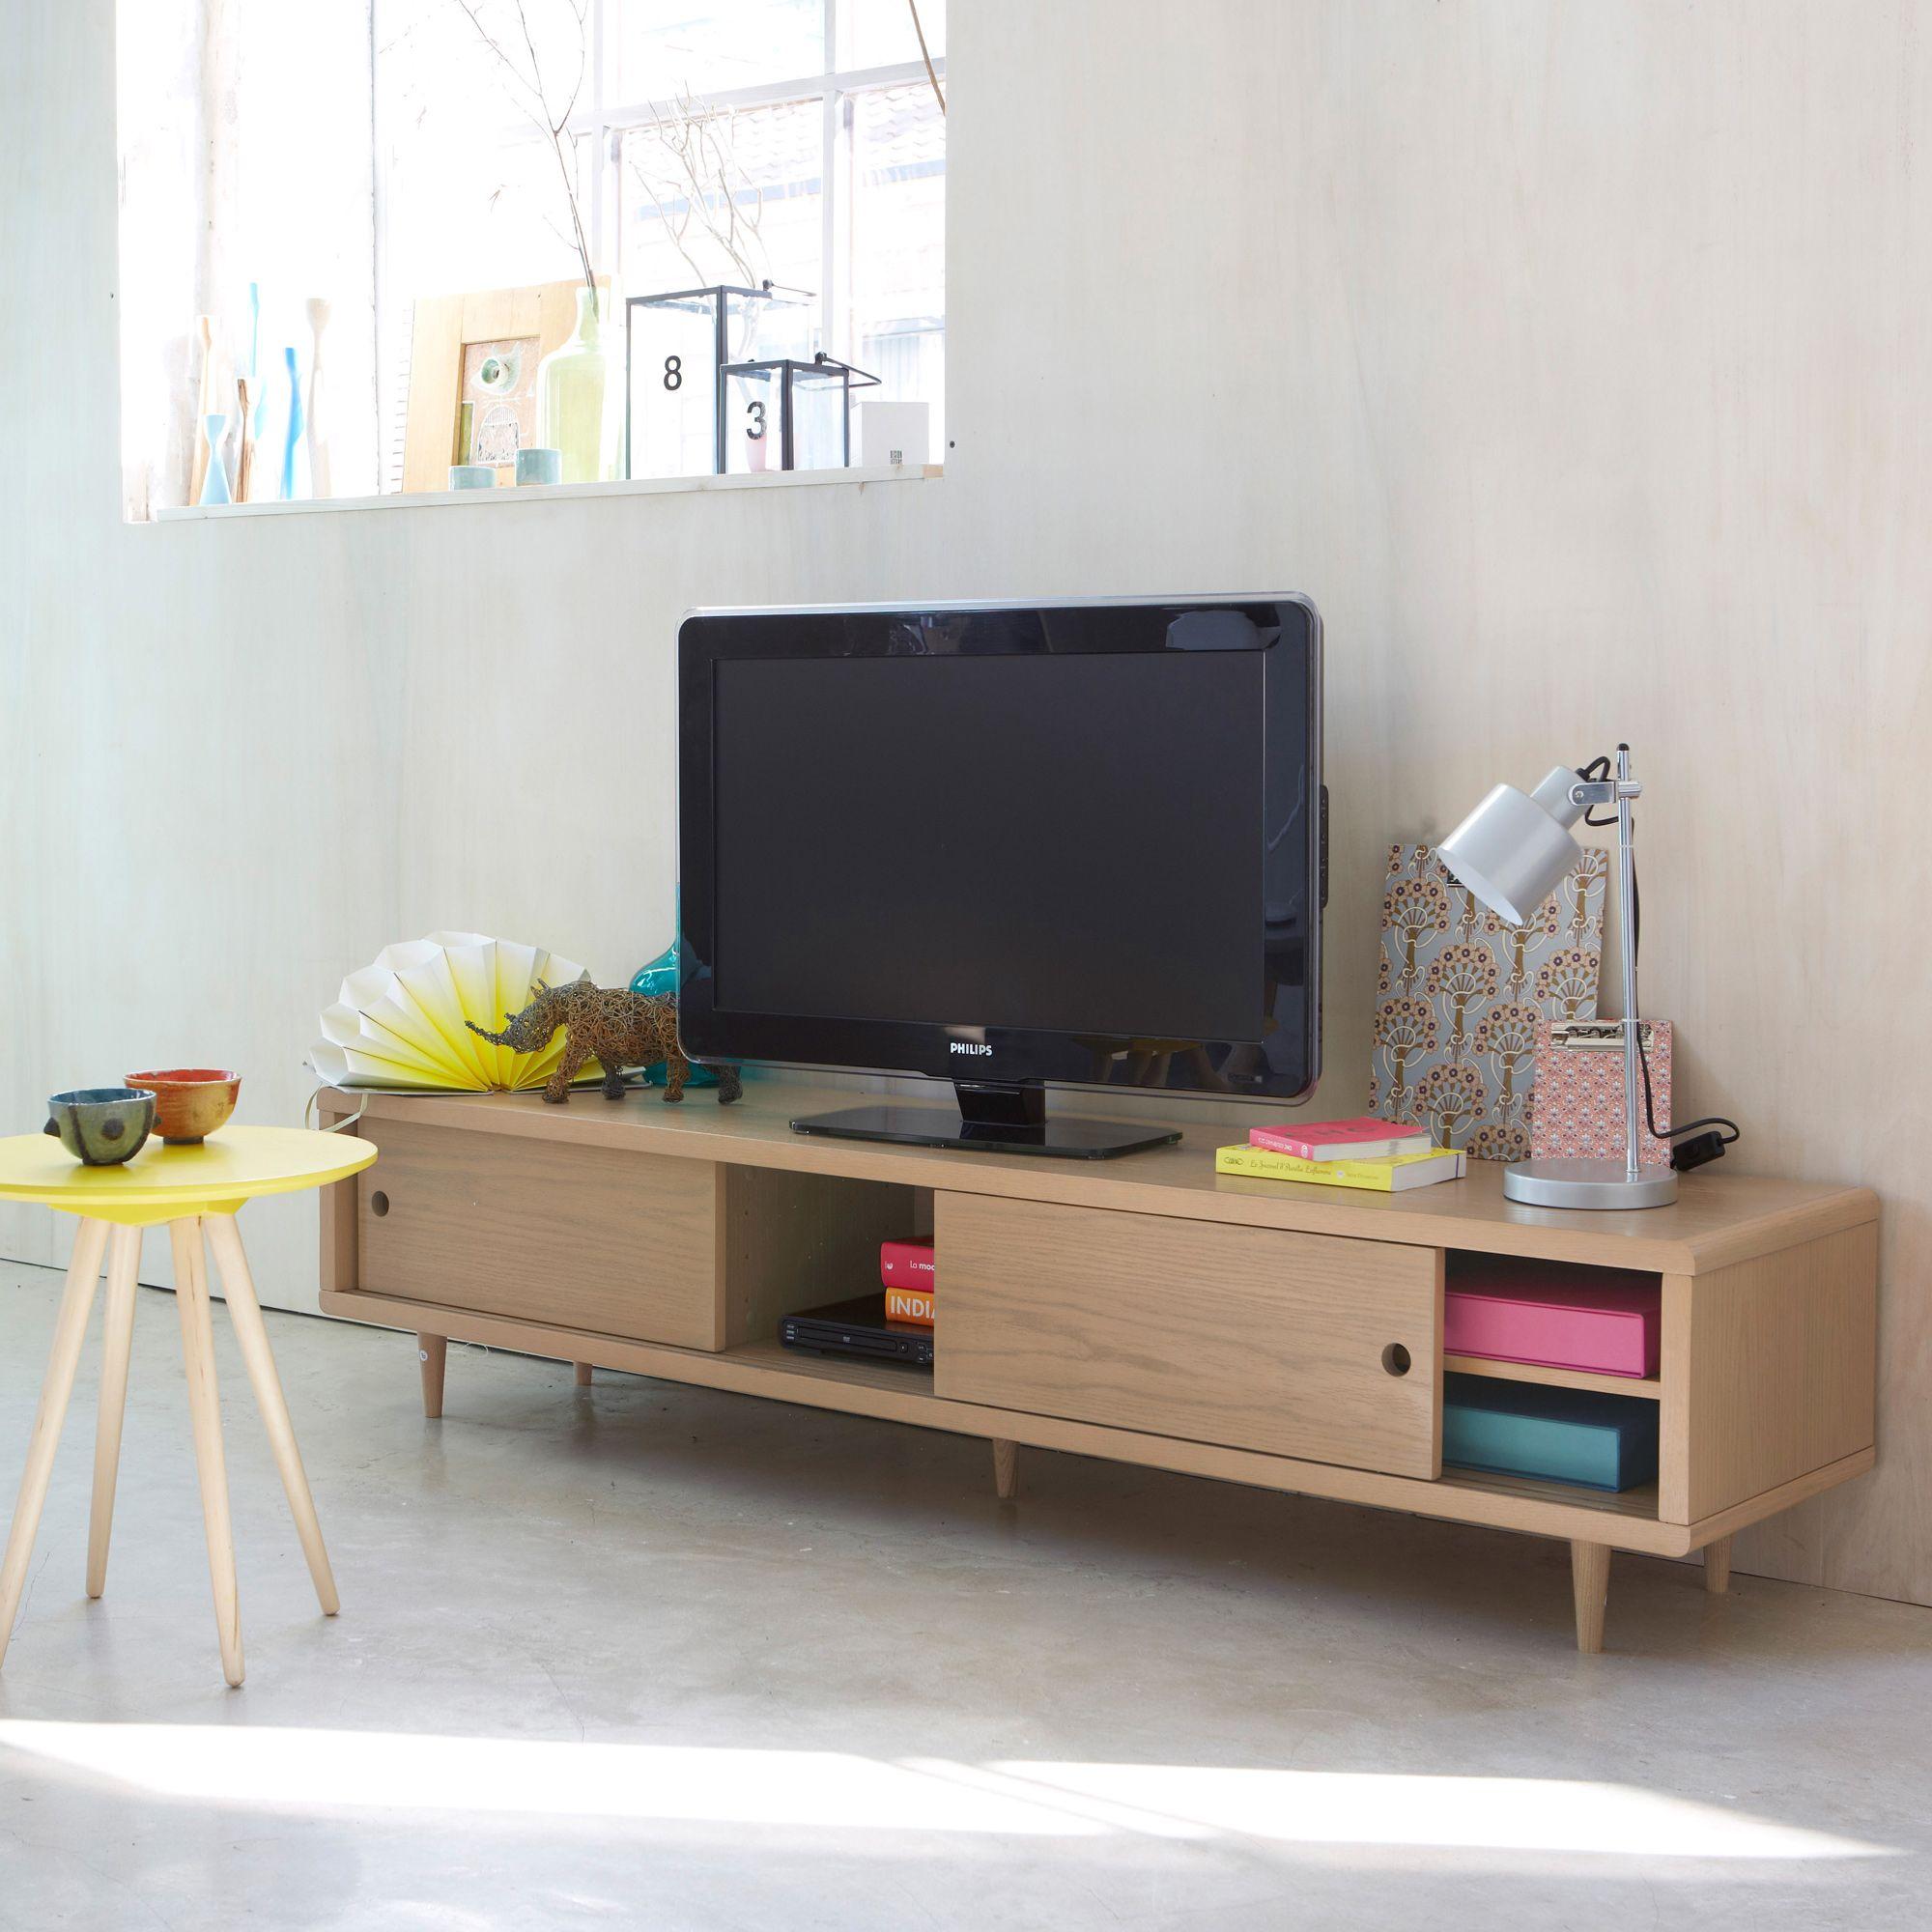 Banc TV plaqué chêne NEW RETRO - 3 Suisses | Mobilier & déco rétro ...